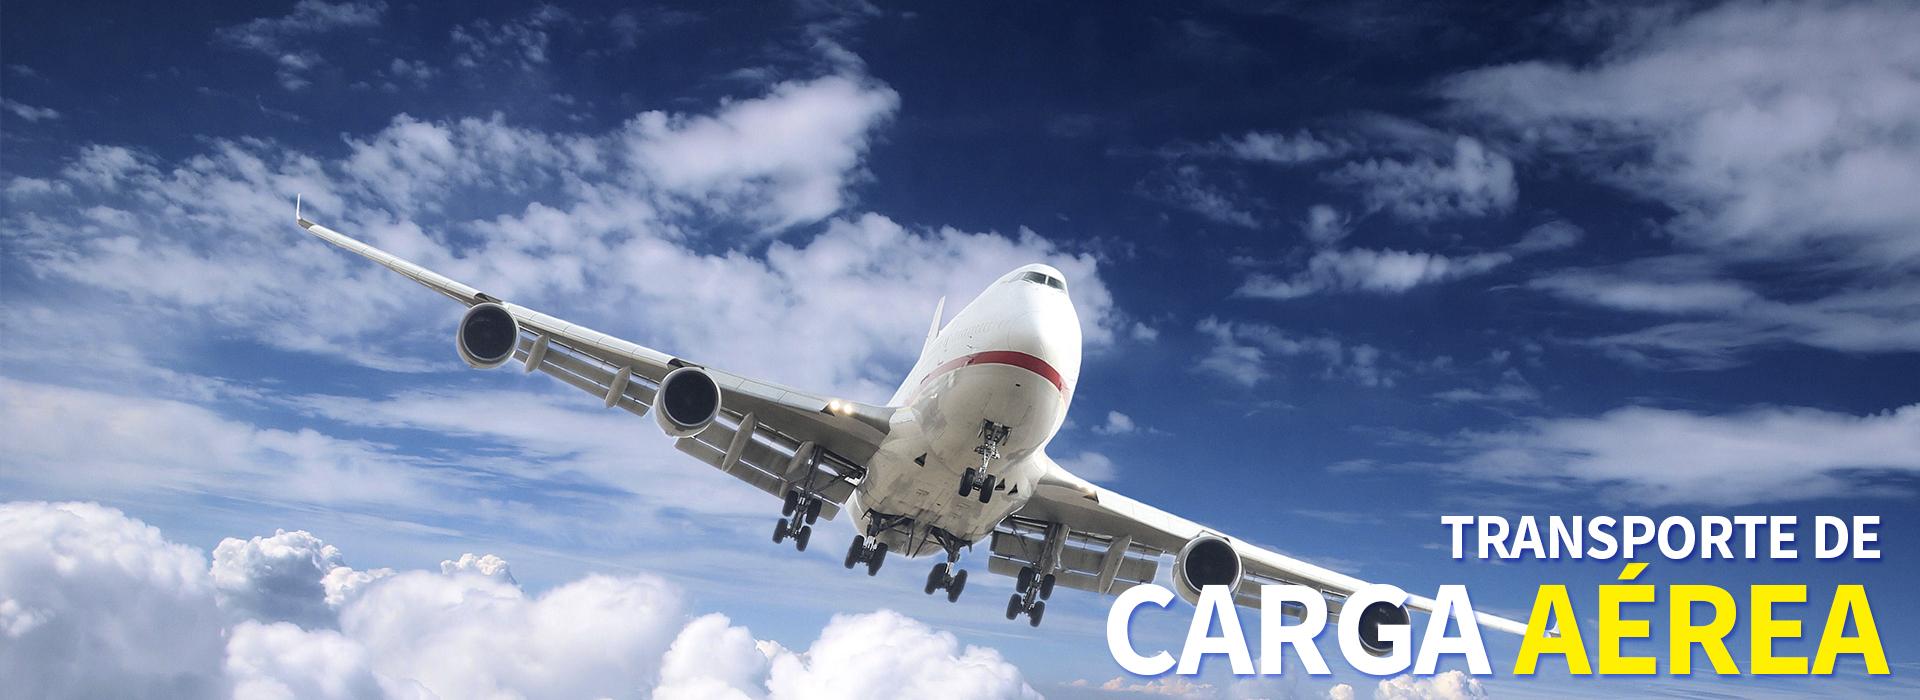 aerea rima